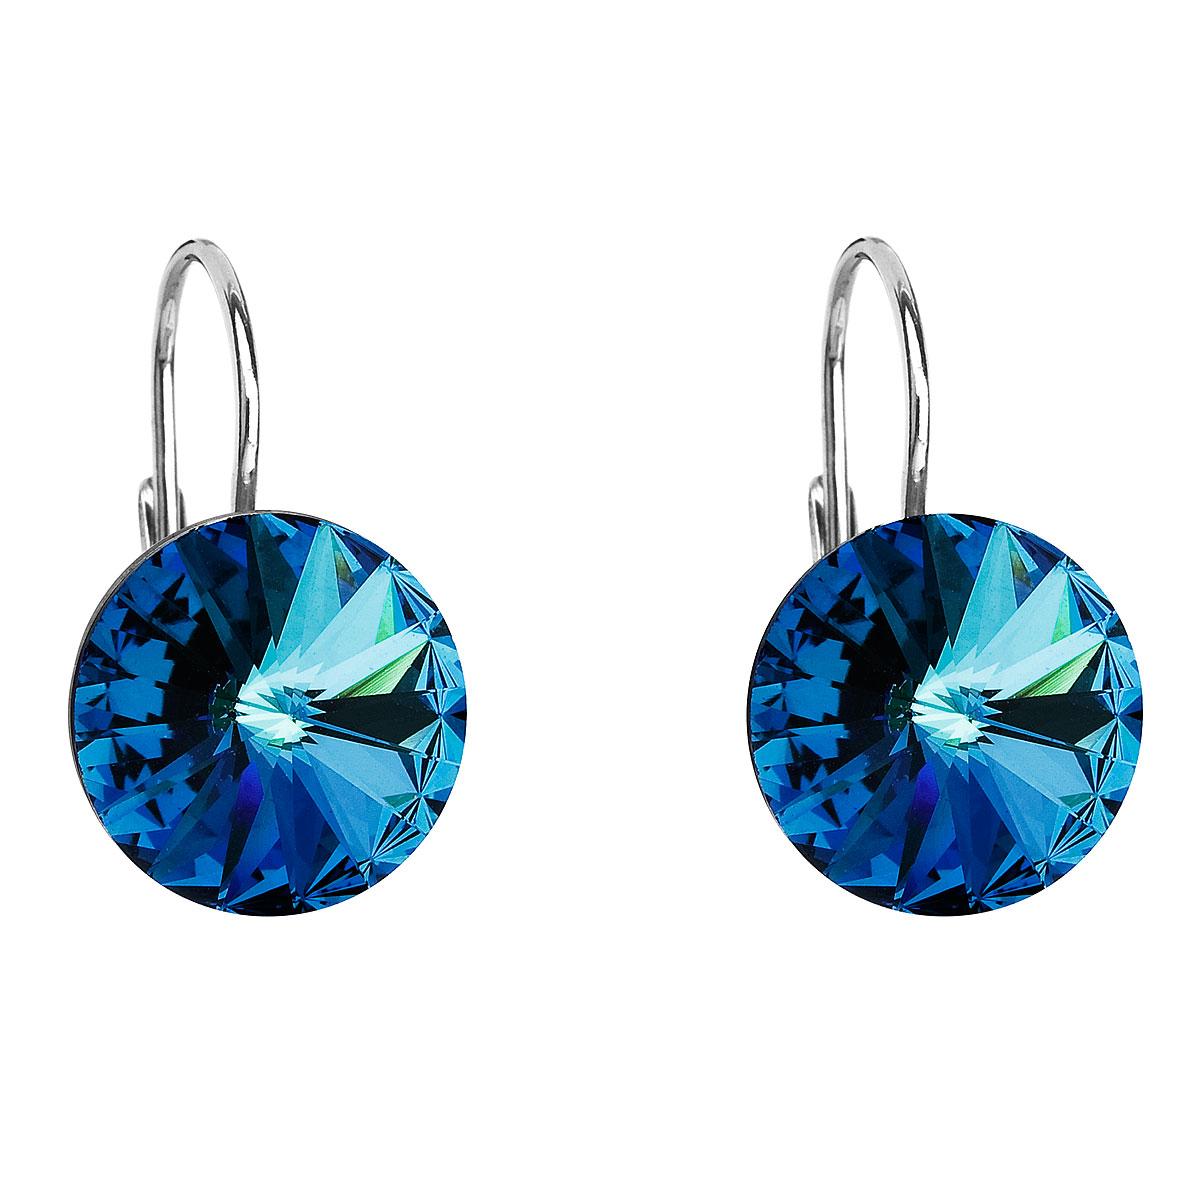 Evolution Group Stříbrné náušnice visací s krystaly Swarovski modré kulaté 31106.5